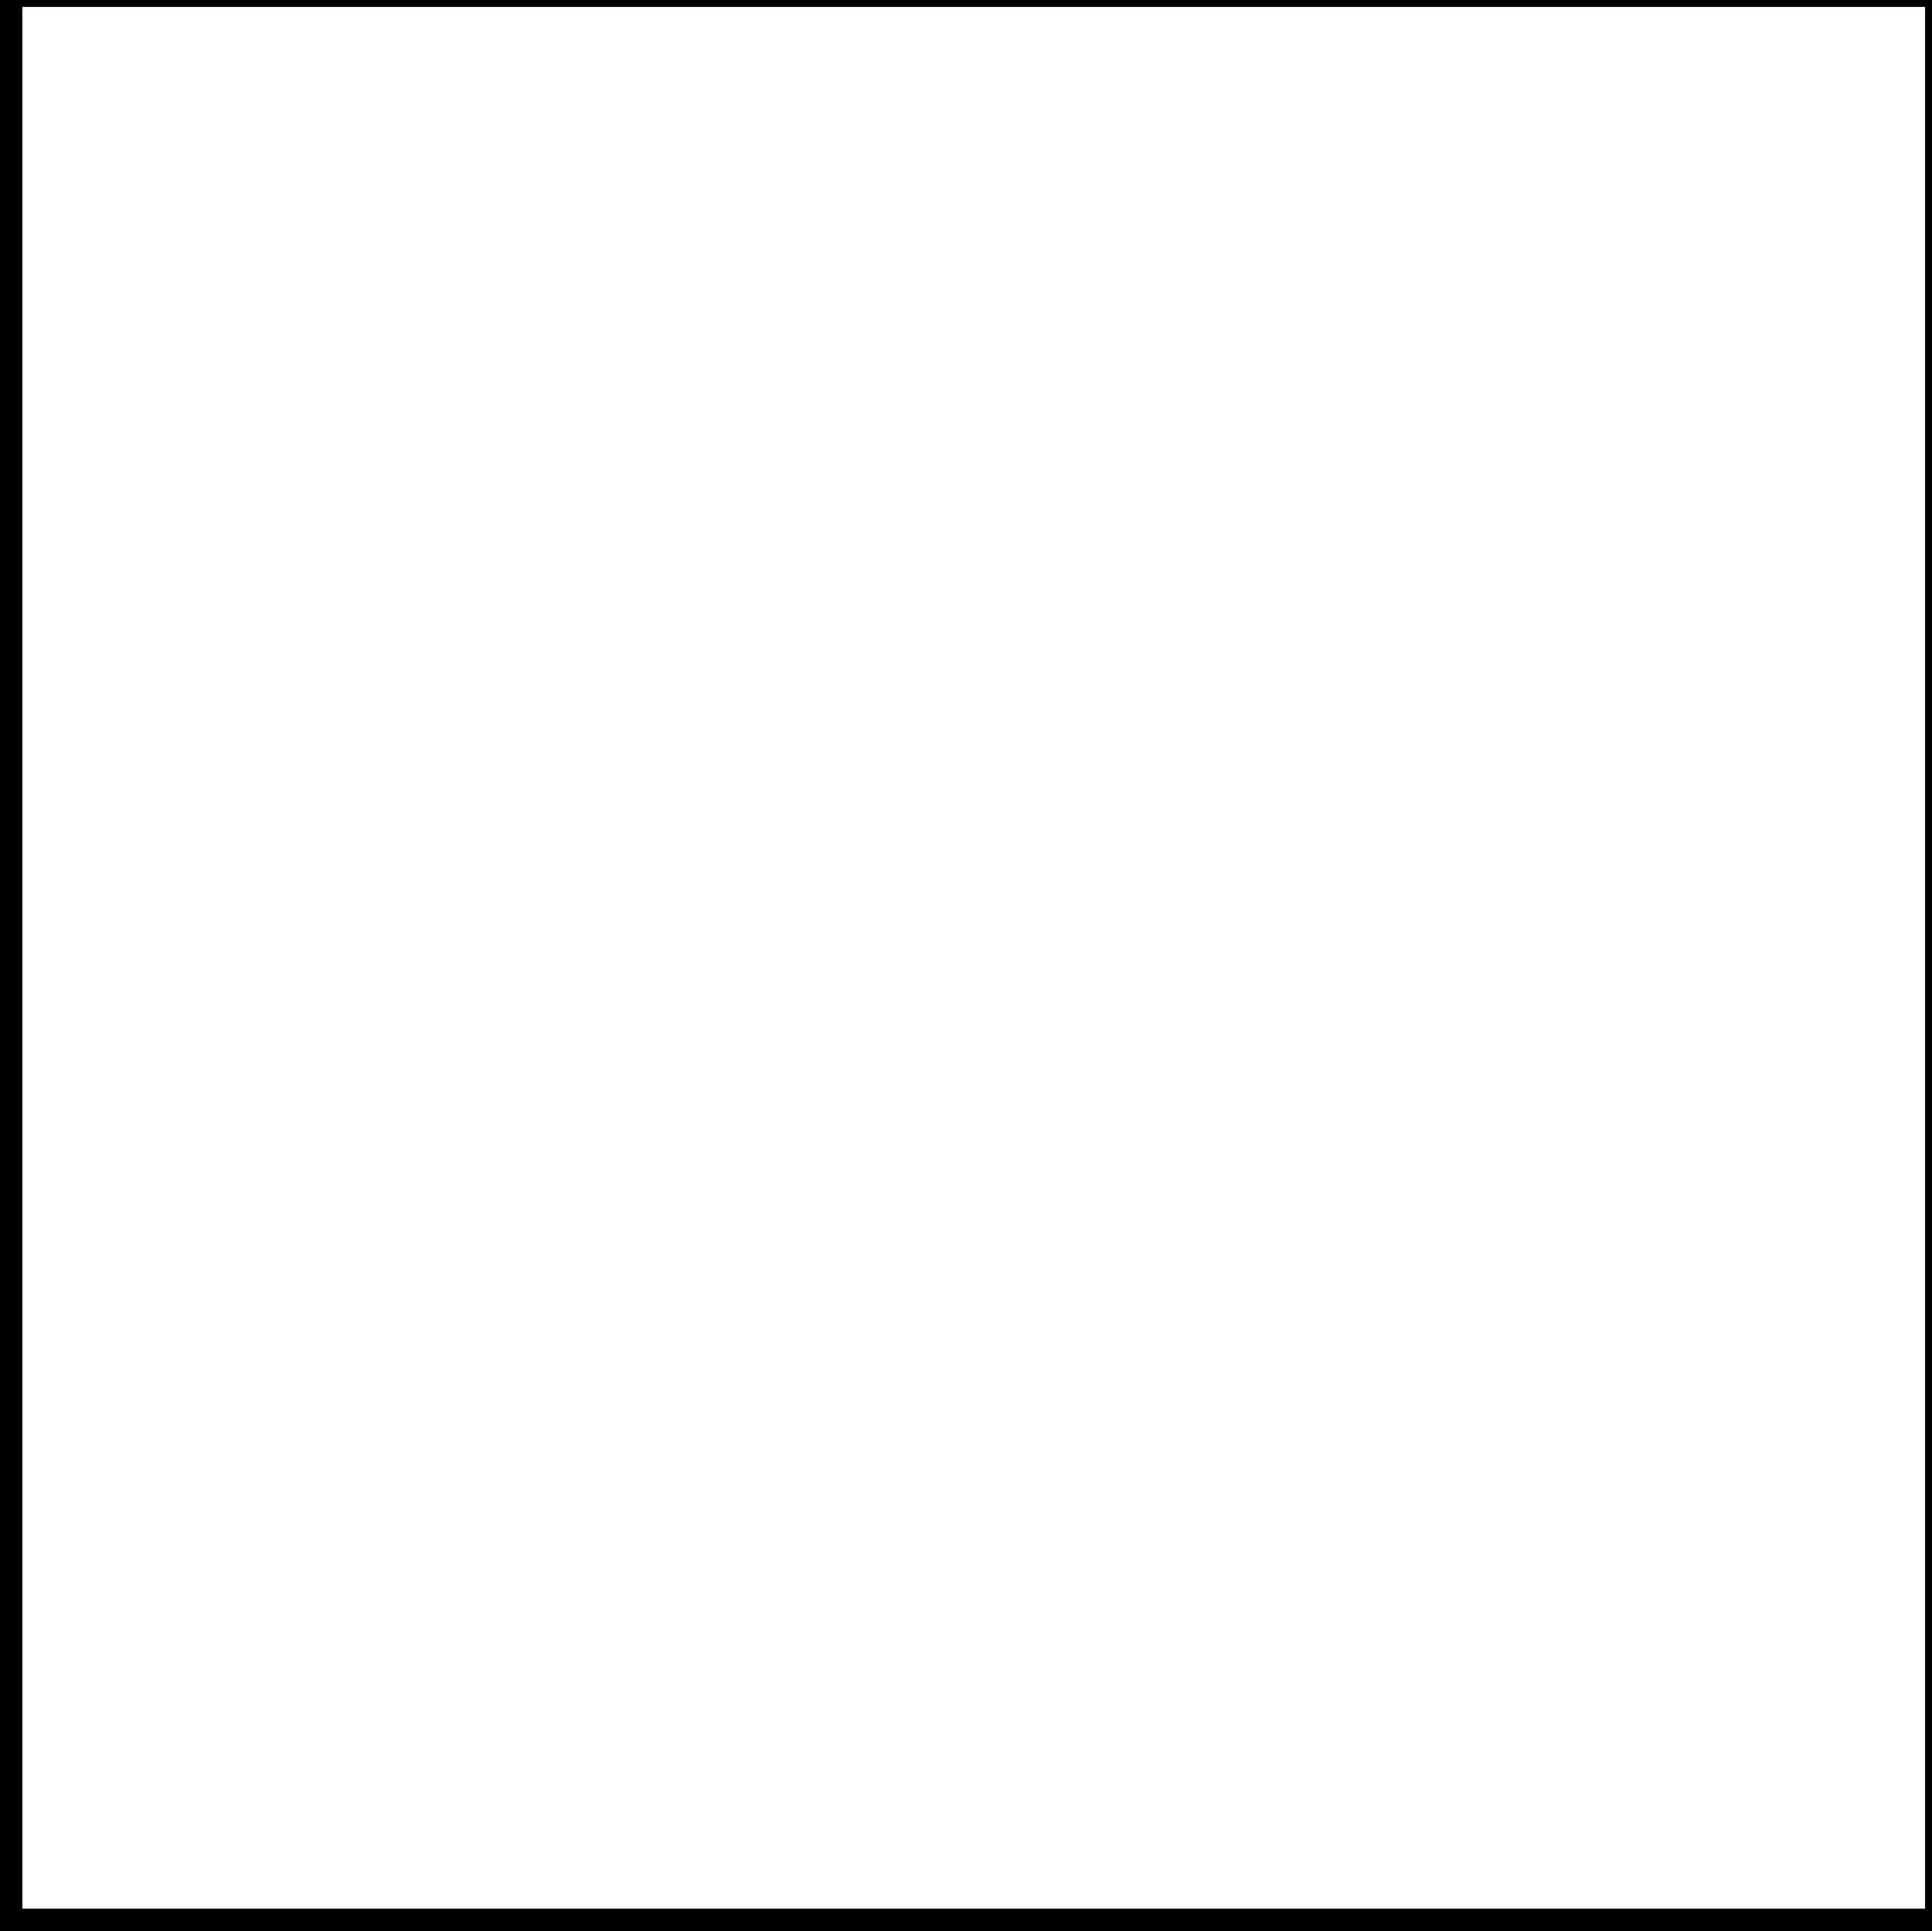 Mantel ⬛ BLANCO ·1,5x1,5m· [retirooenvíoen 5·7díashábiles]